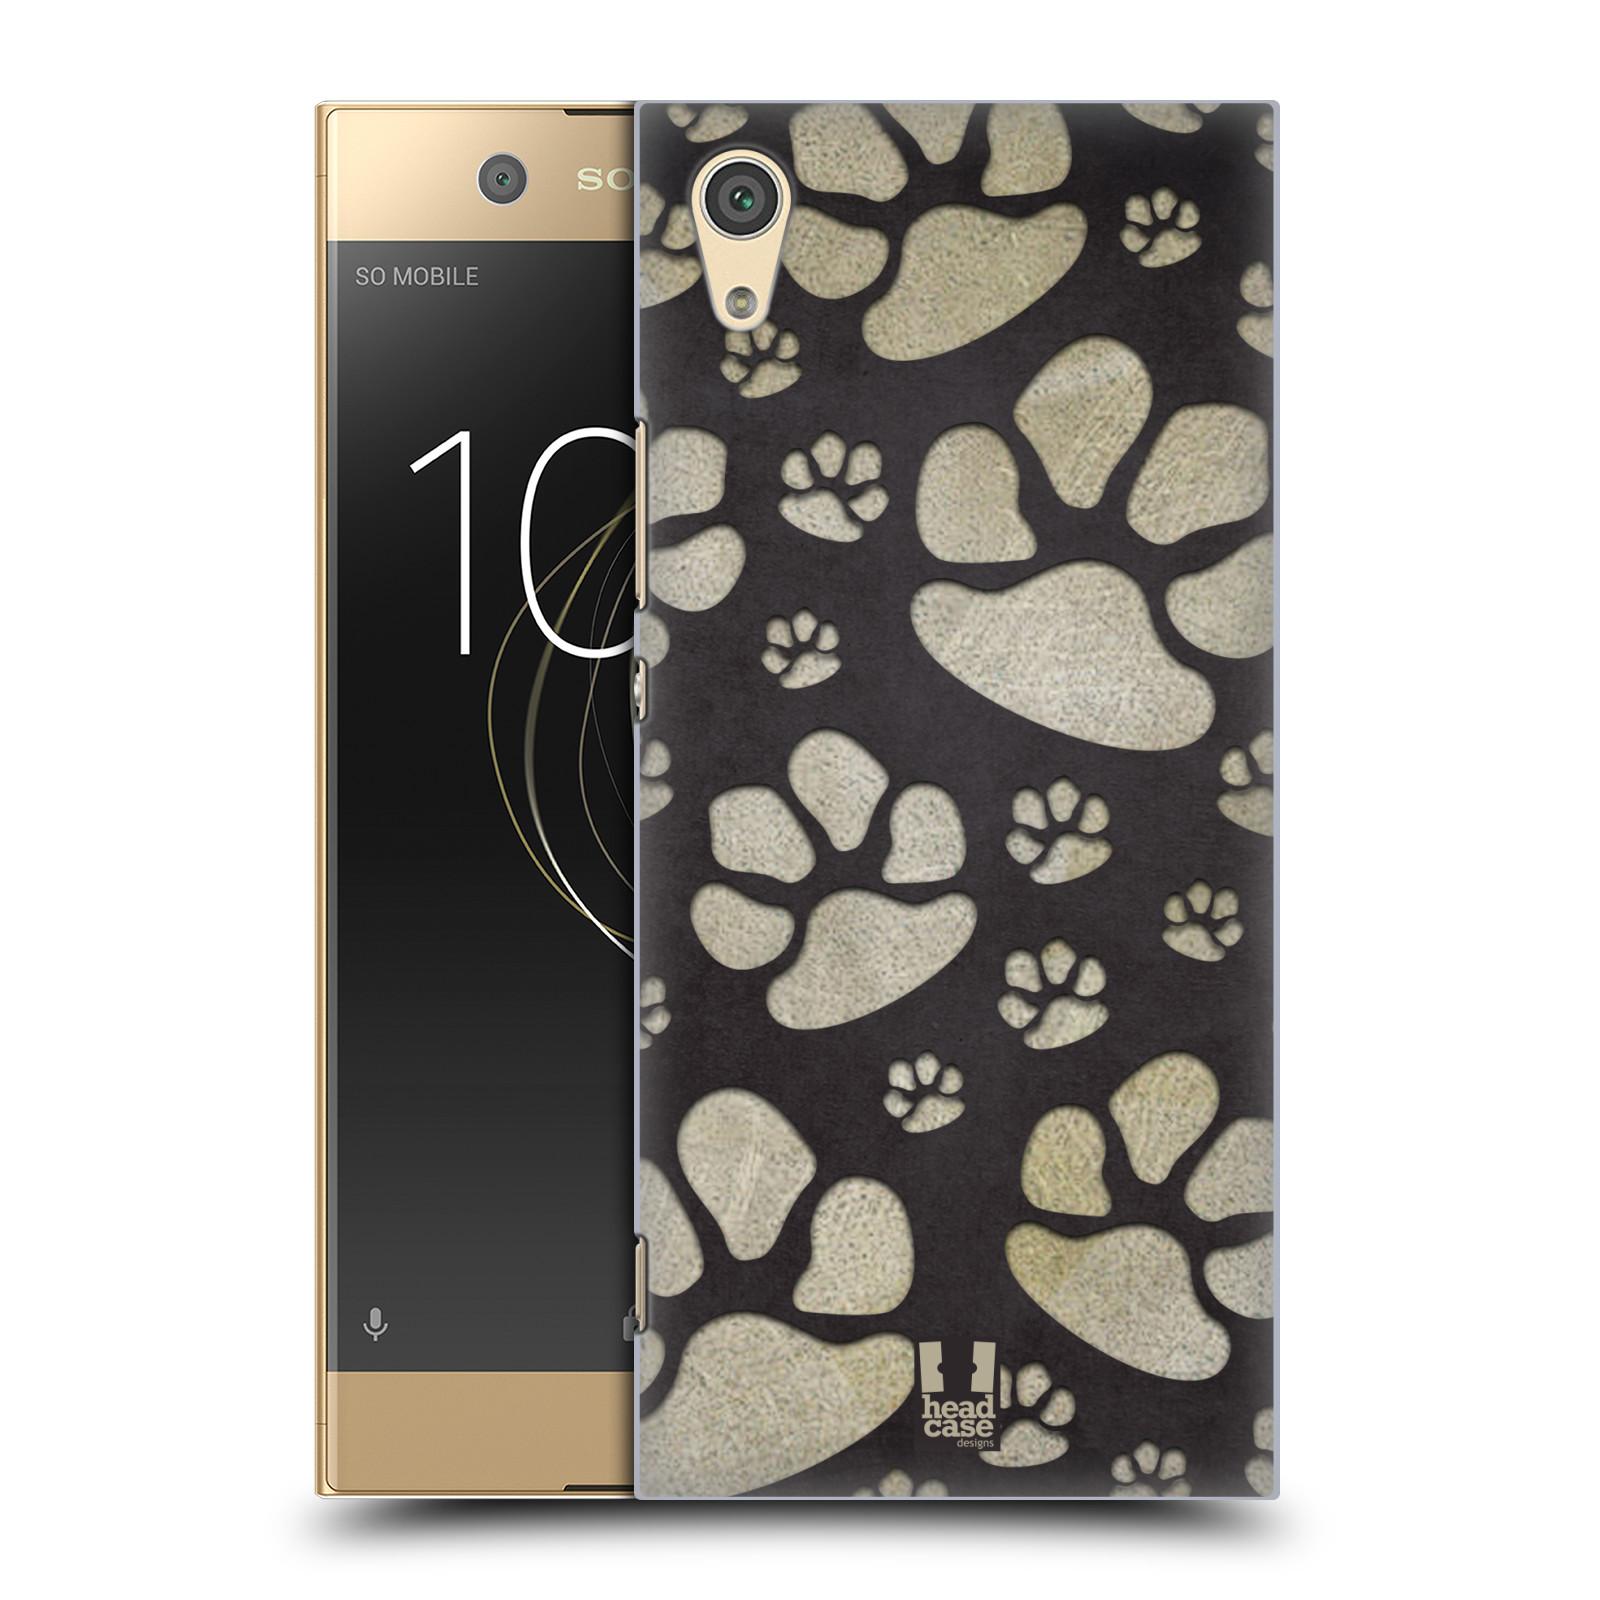 Plastové pouzdro na mobil Sony Xperia XA1 - Head Case - TLAPKY ŠEDÉ (Plastový kryt či obal na mobilní telefon Sony Xperia XA1 G3121 s motivem TLAPKY ŠEDÉ)